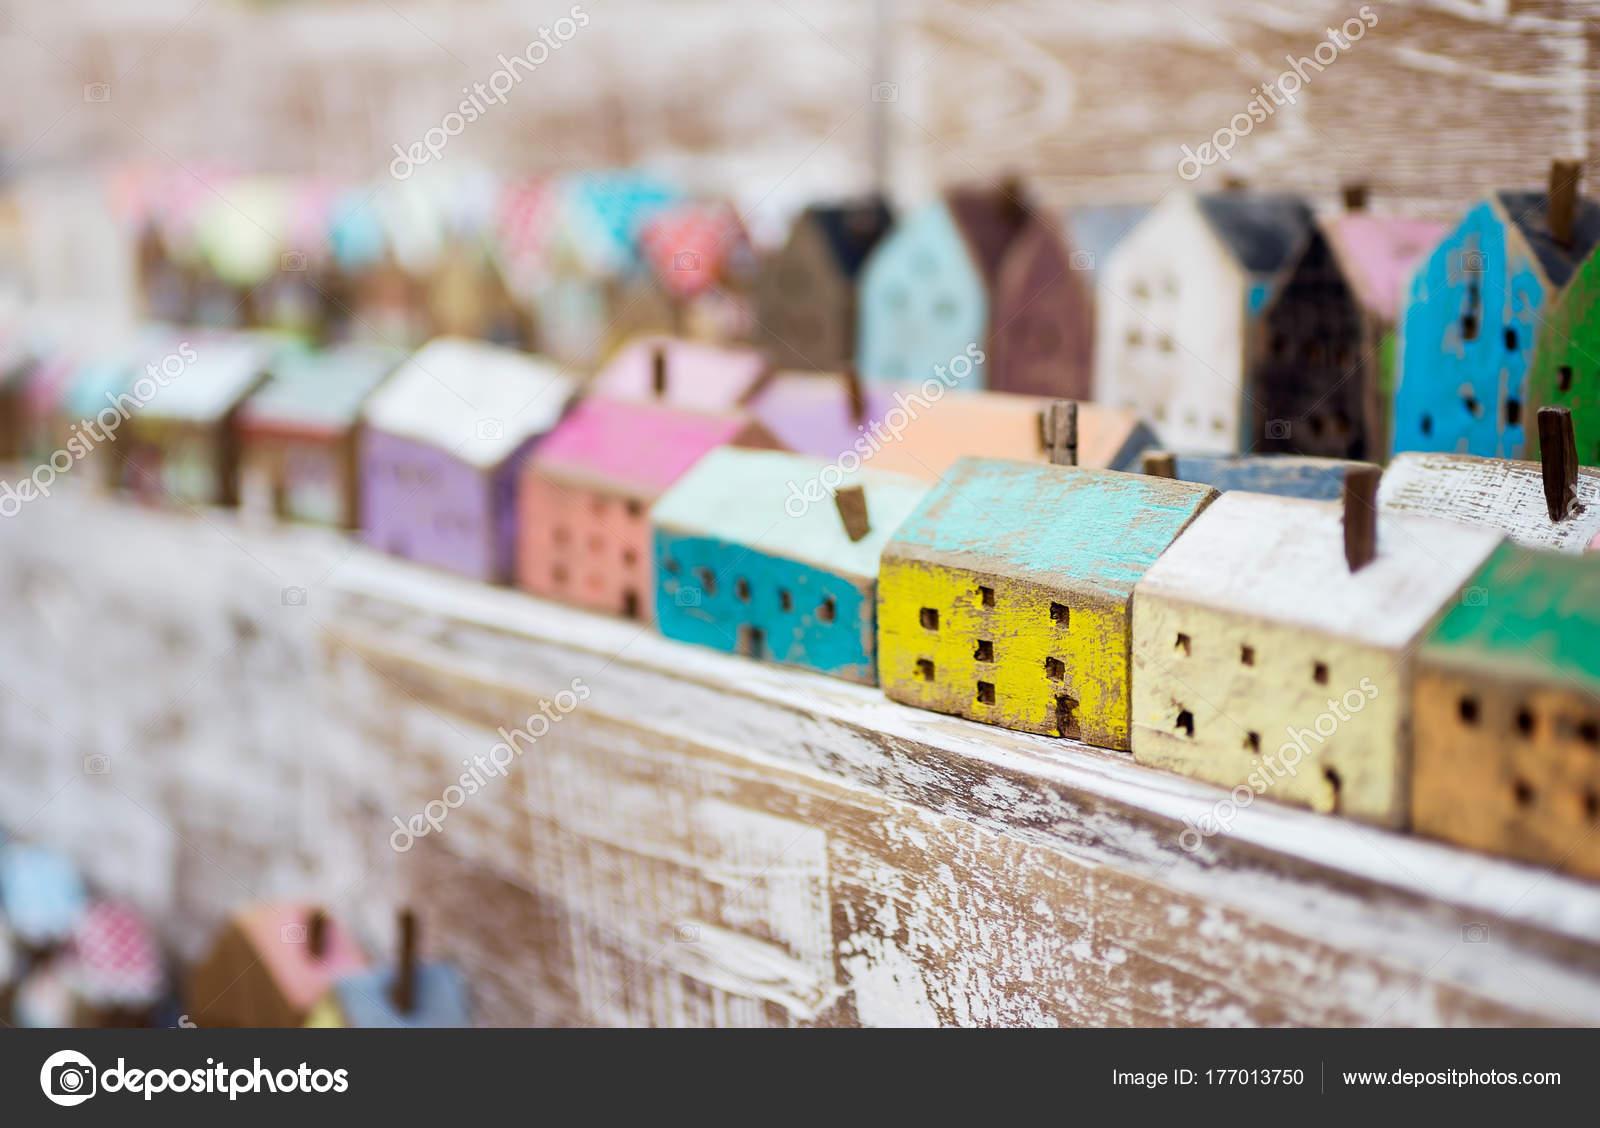 Small Handmade Wooden Houses Row Store Shelf Craft Home Decor